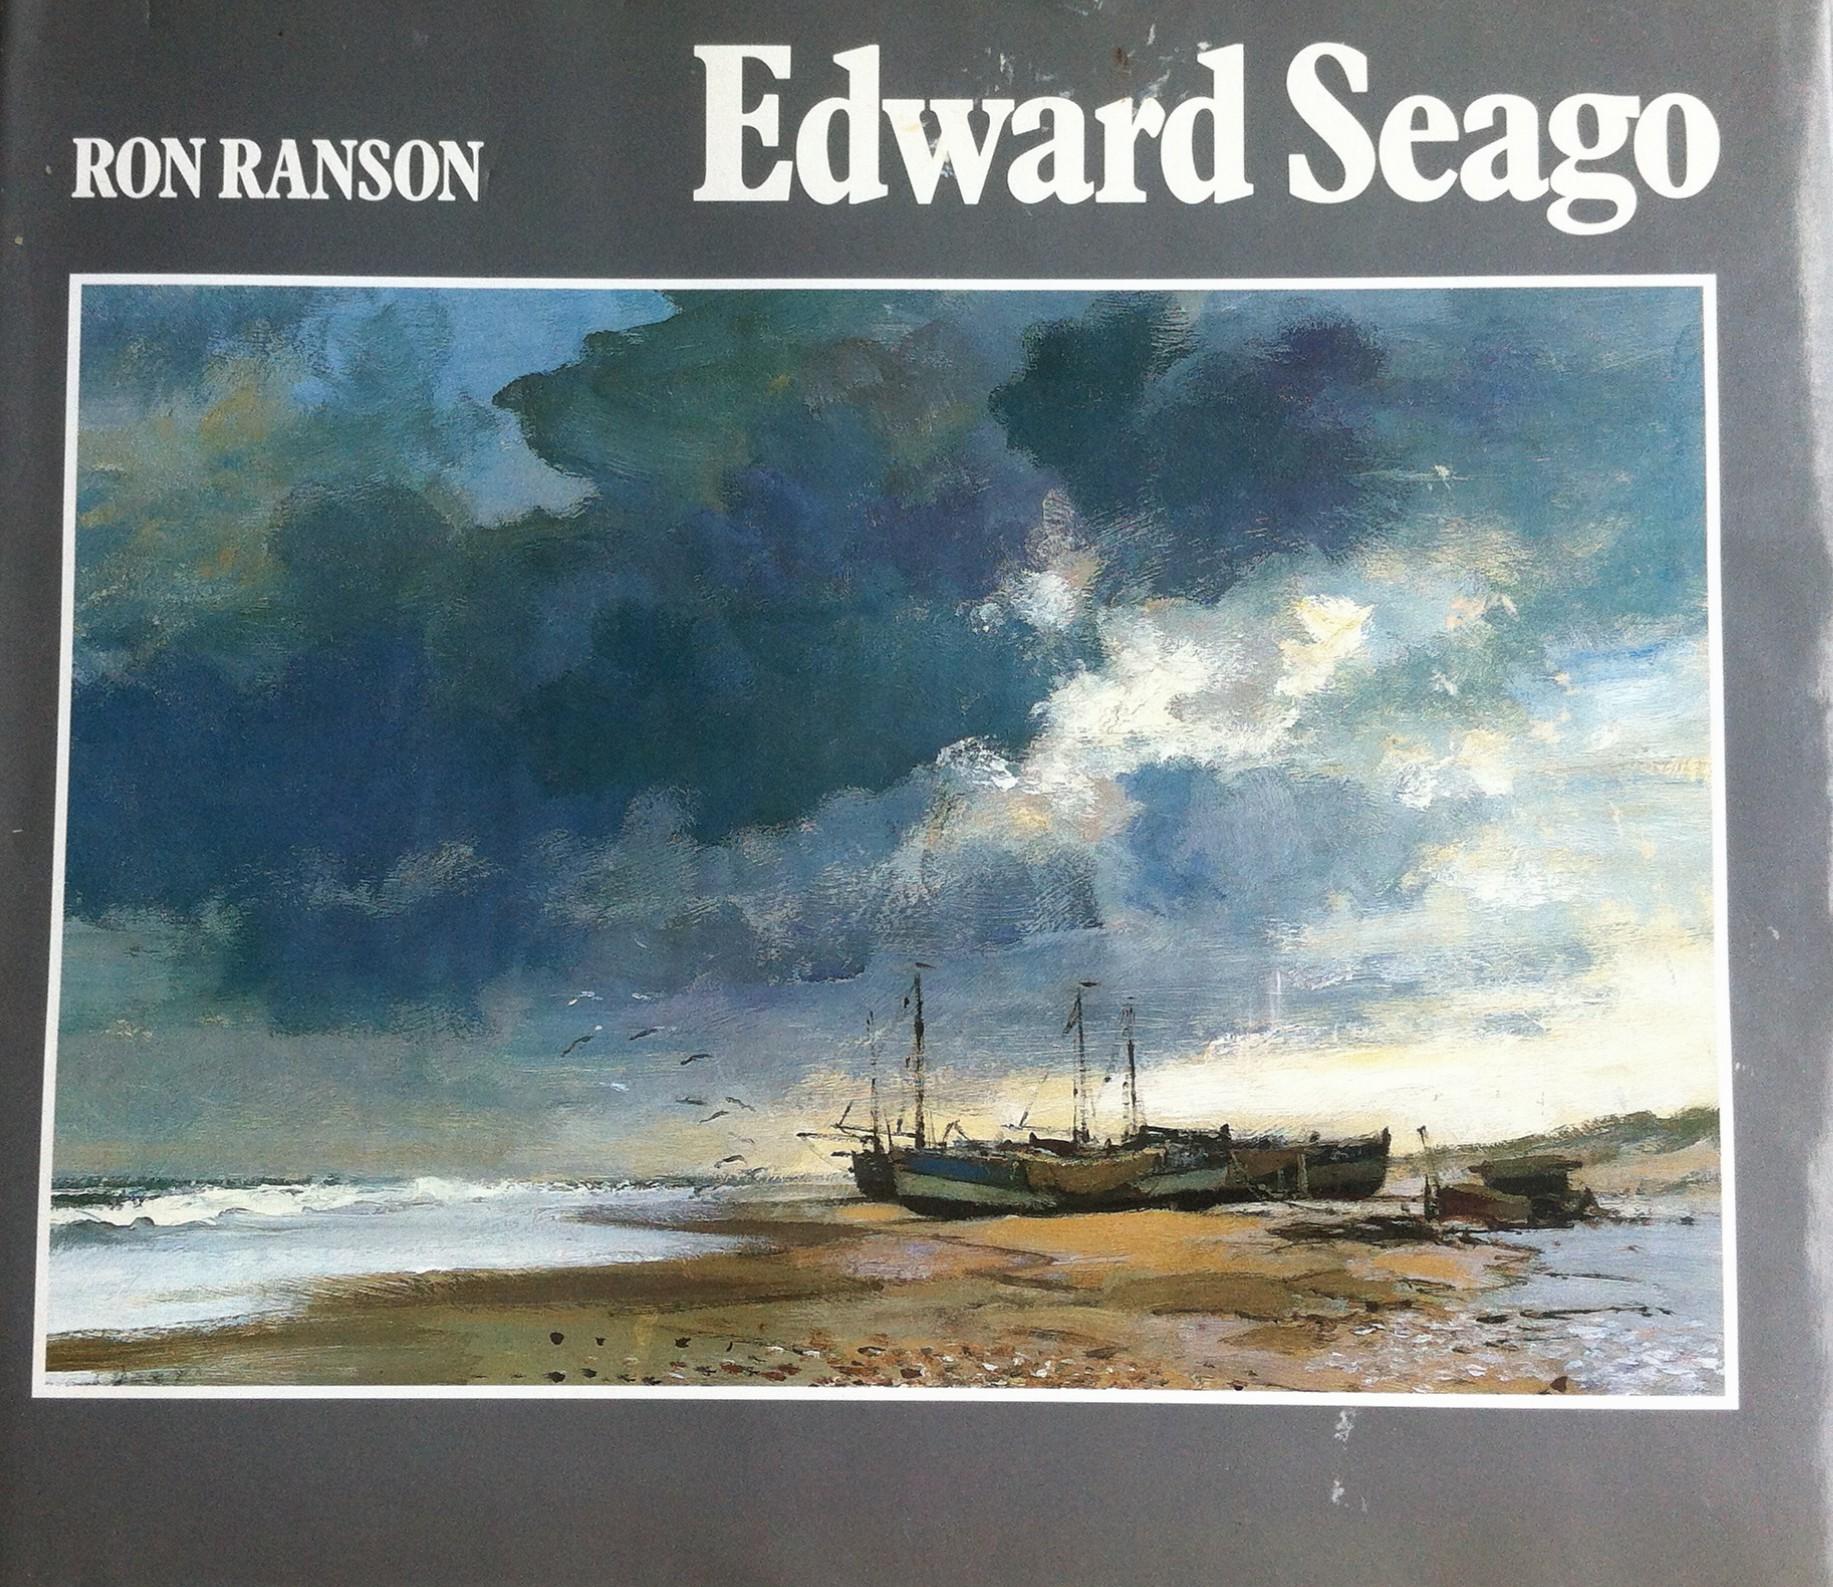 Edward Seago, Ron Ranson